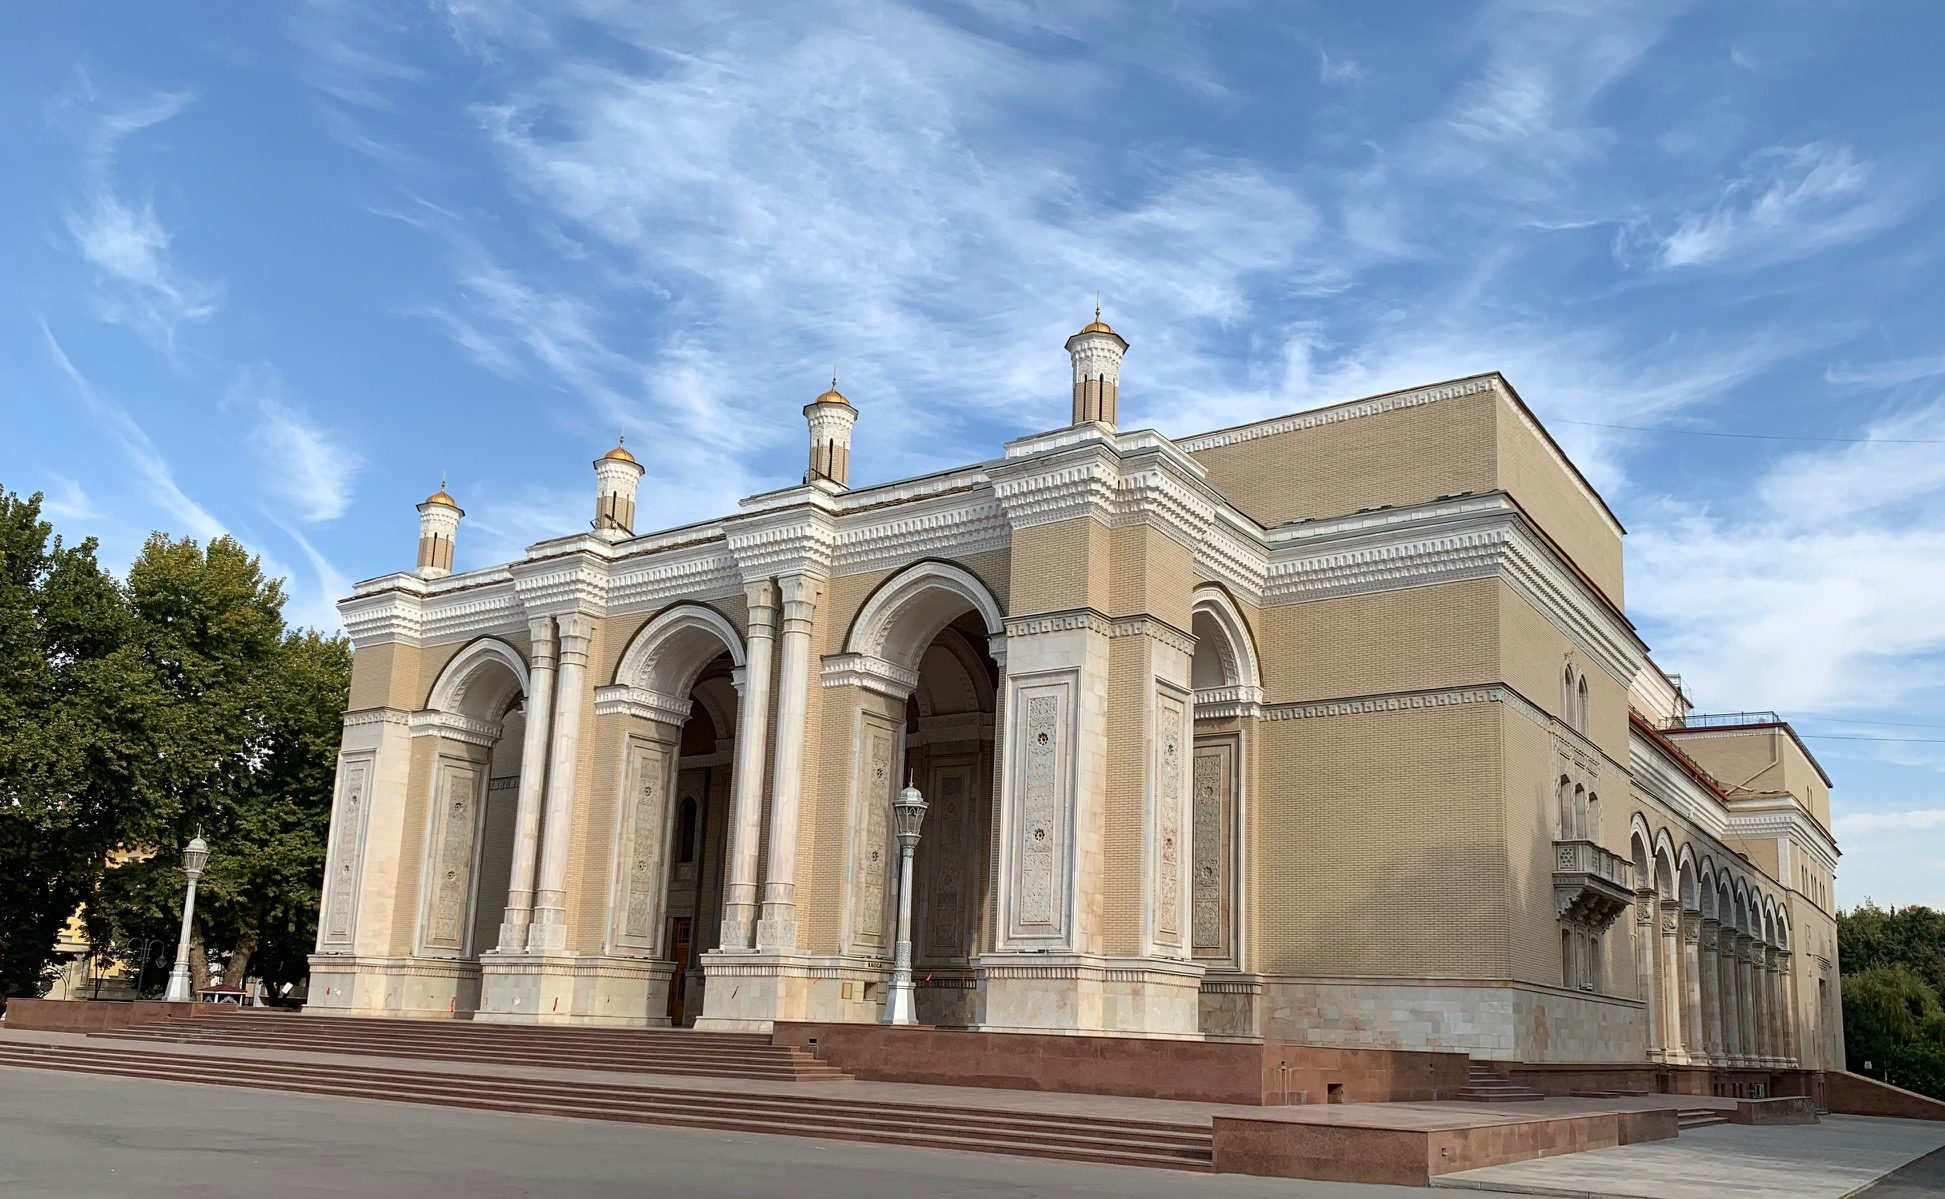 ナヴォイ劇場の外観